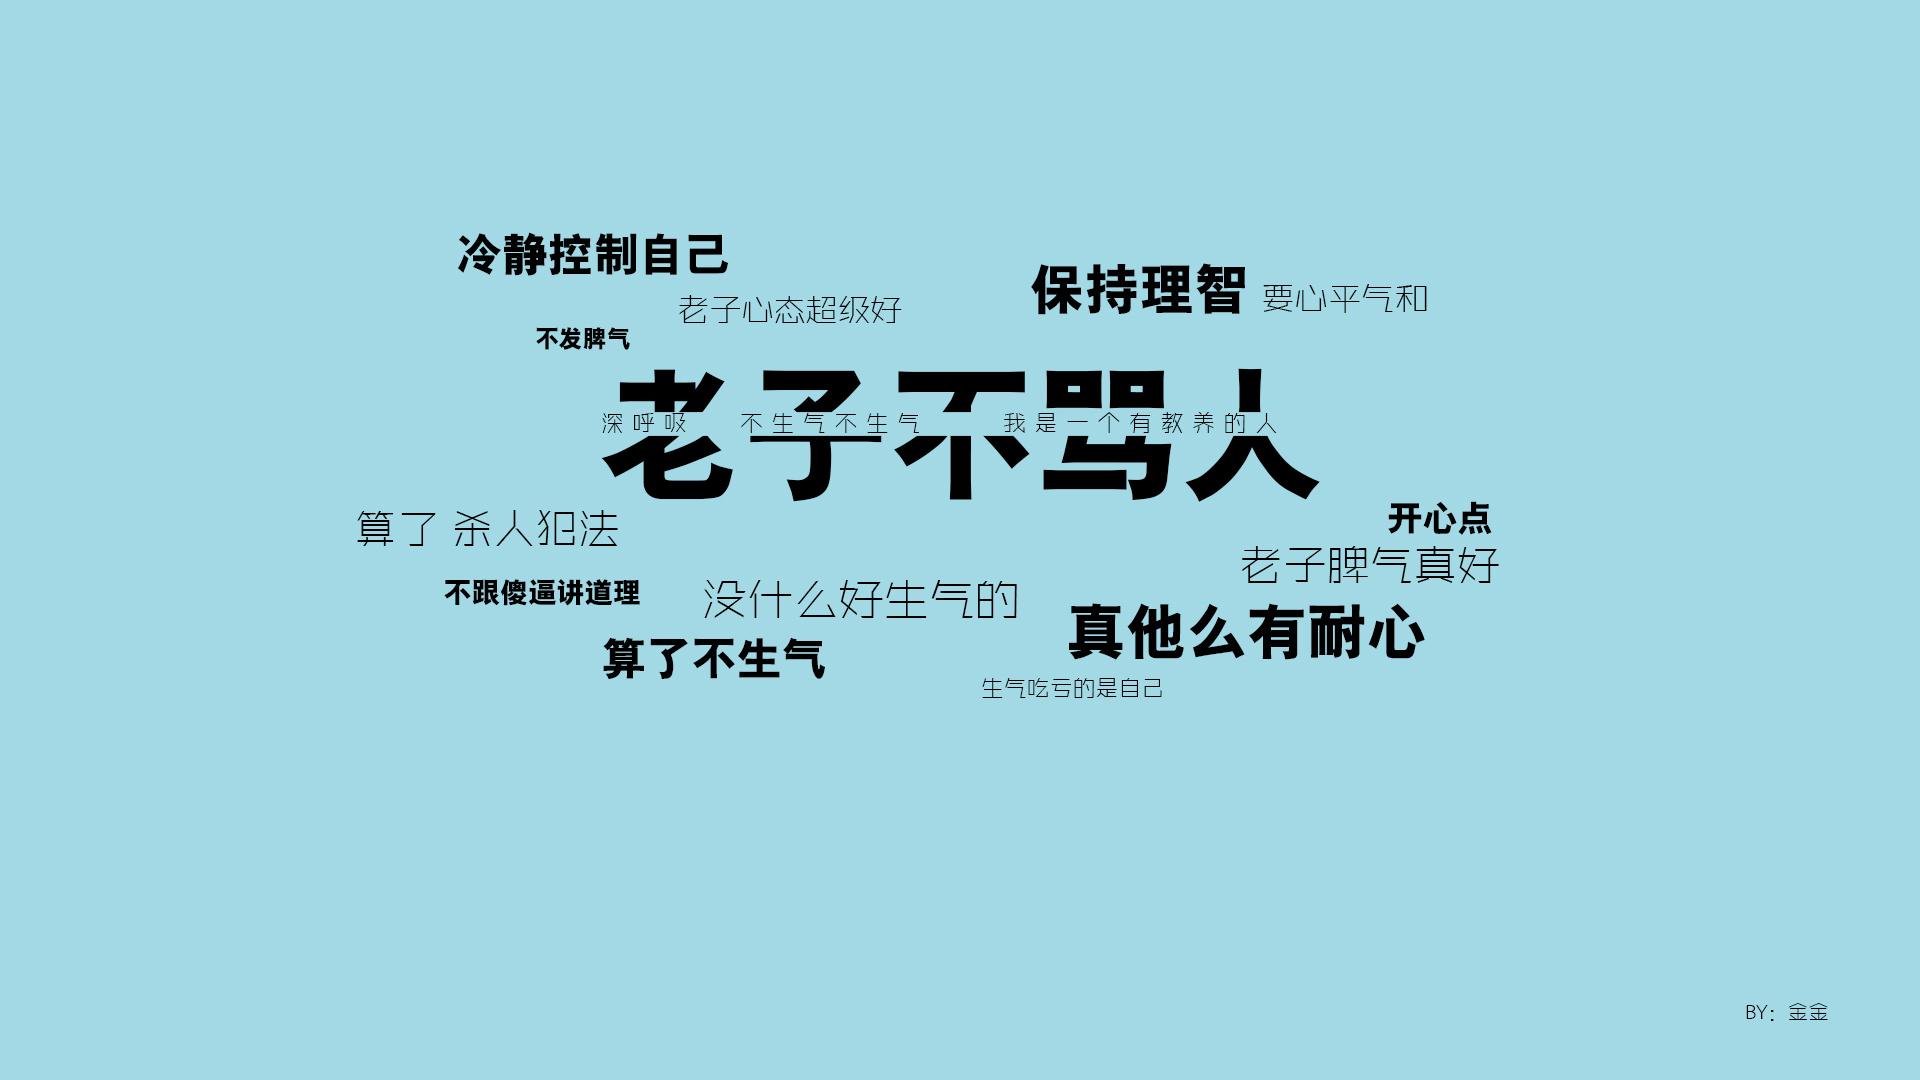 仙女不罵人電腦壁紙 - 1920x1080 - jpg圖片